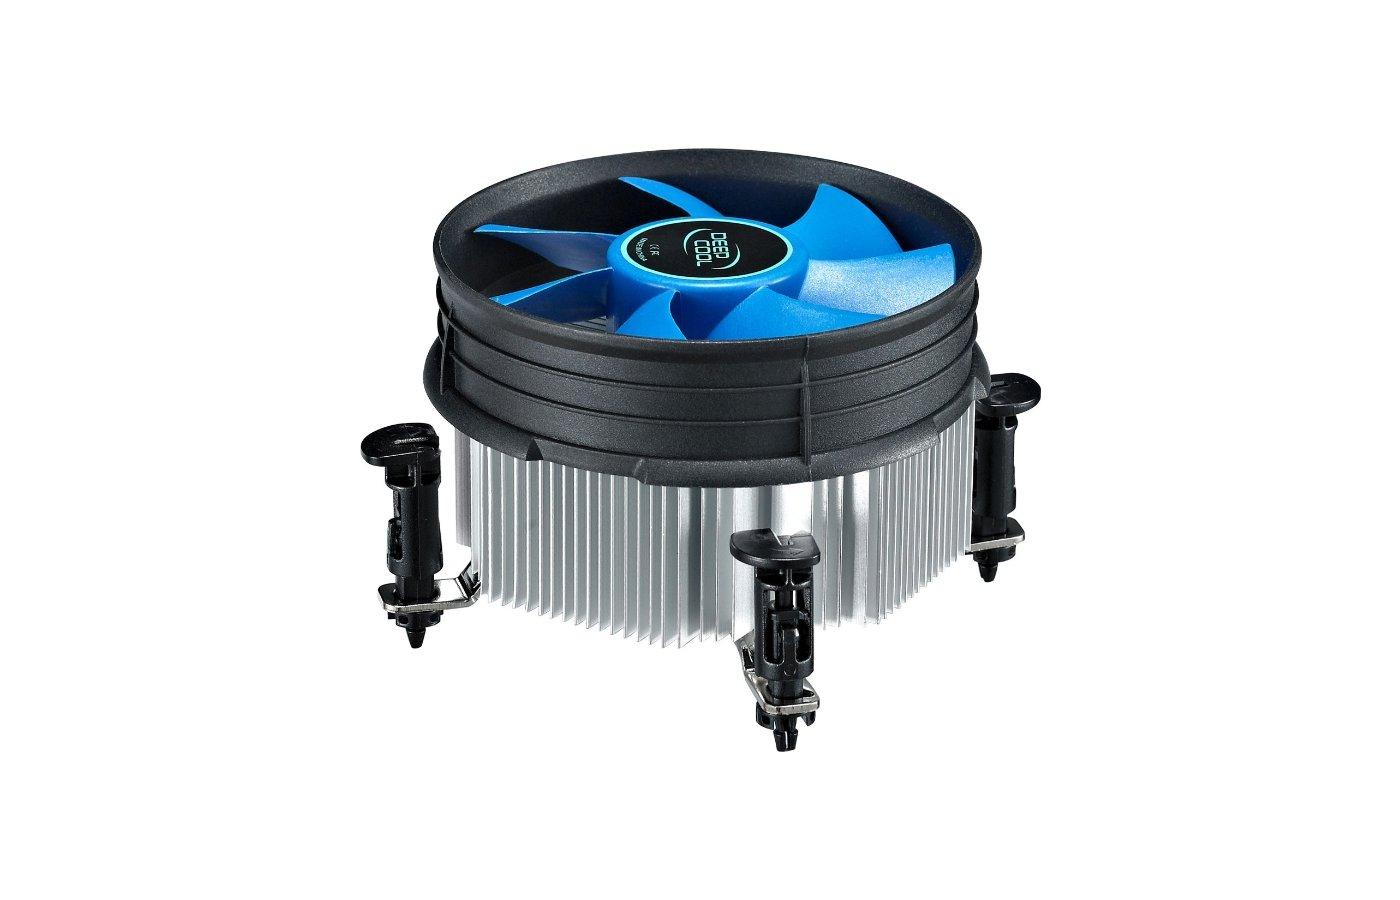 Охлаждение S1155 Deepcool Theta 21 PWM